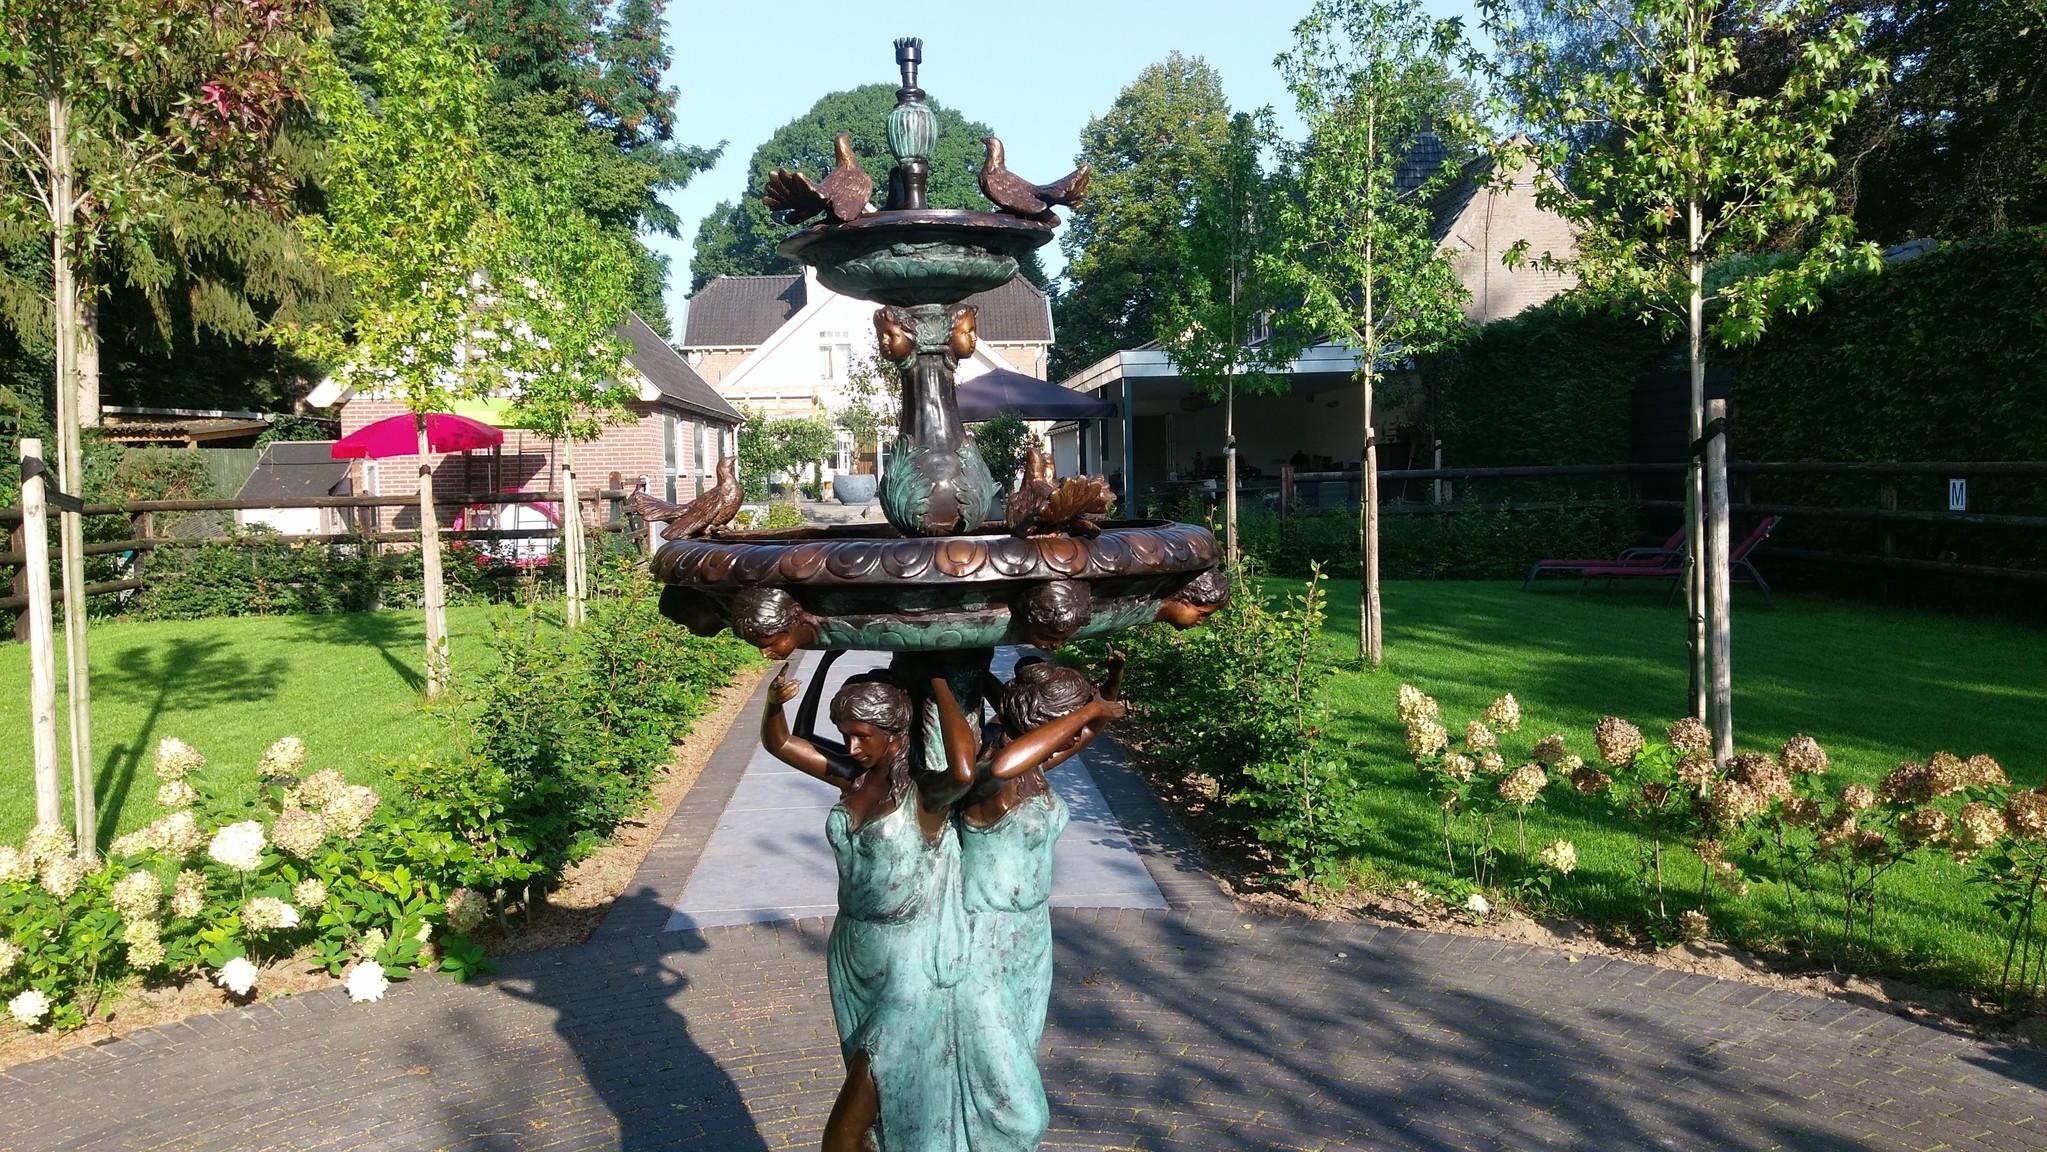 Bronzen Beelden:  3 Vrouwen met vogel fontein-4